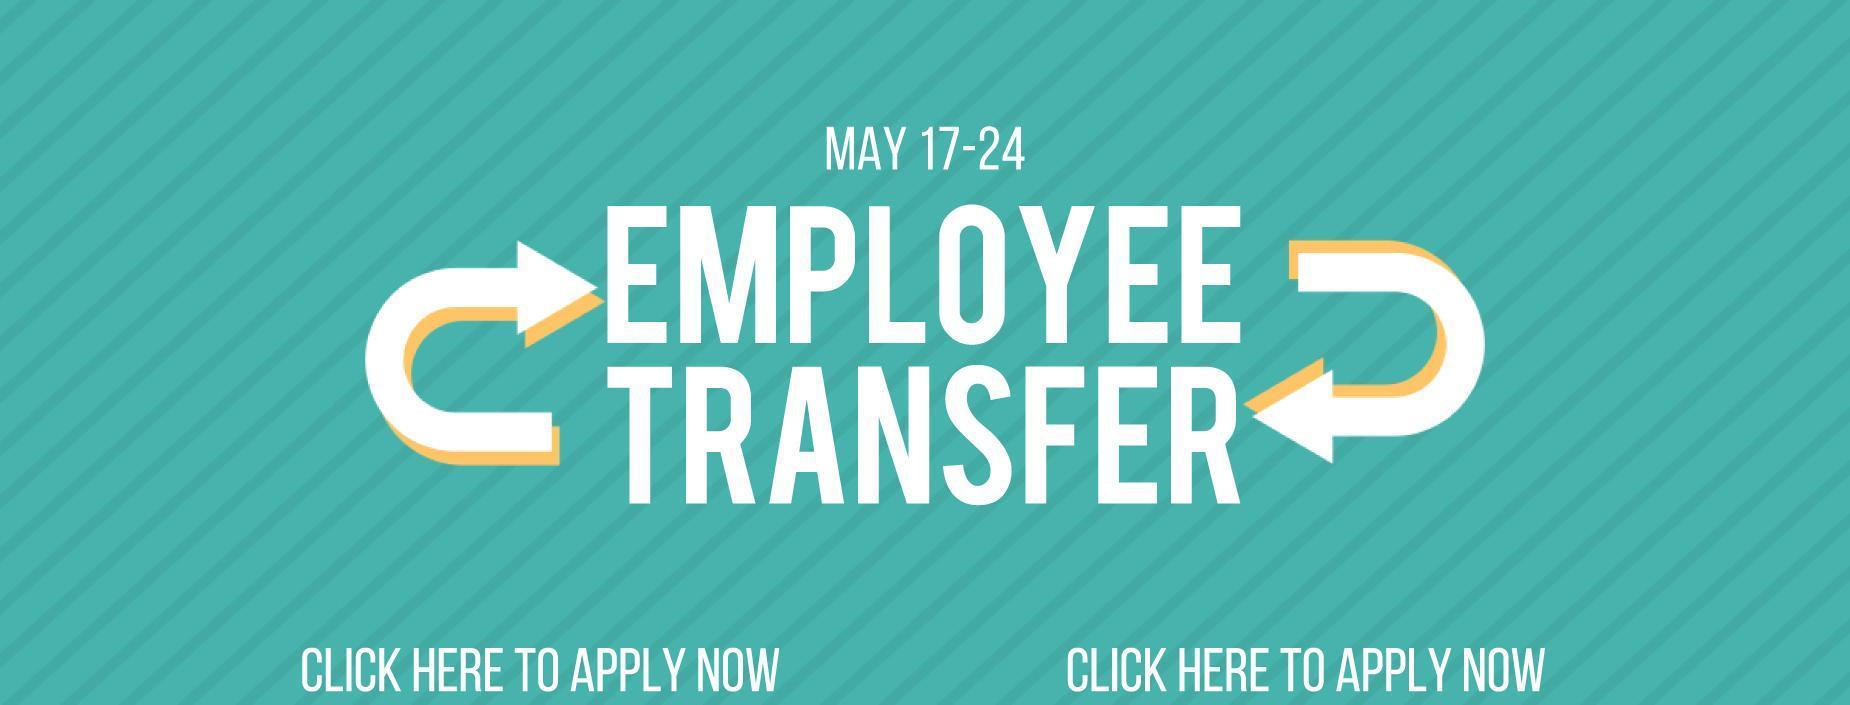 Employee Transfer banner